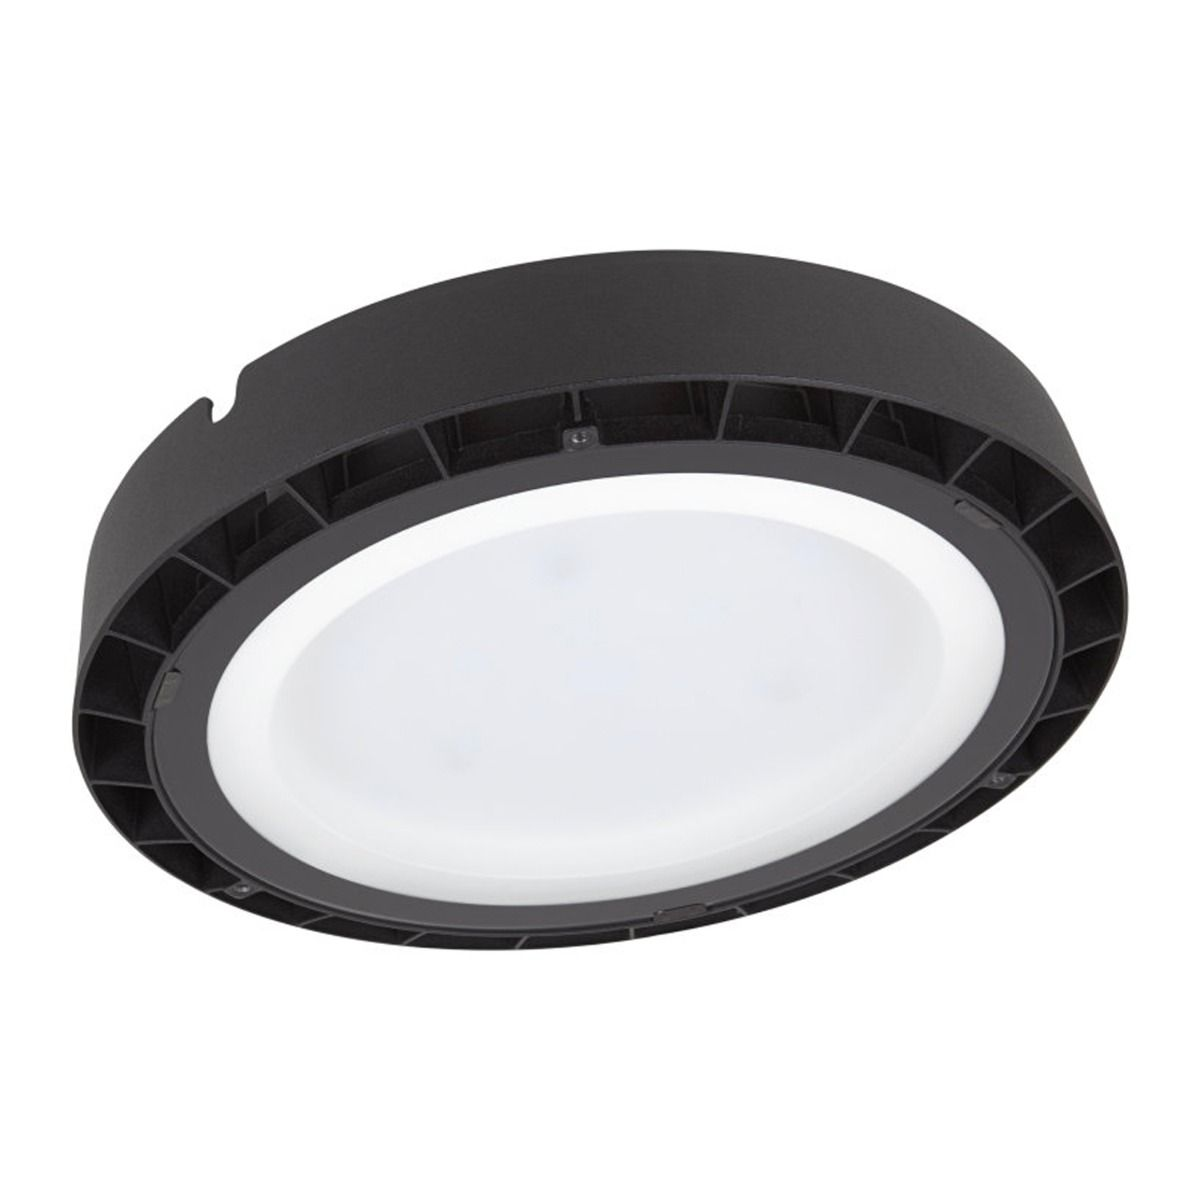 Ledvance LED High Bay Value 100W 4000K IP65 10000lm 100D | Kylmä Valkoinen - Korvaa 200W